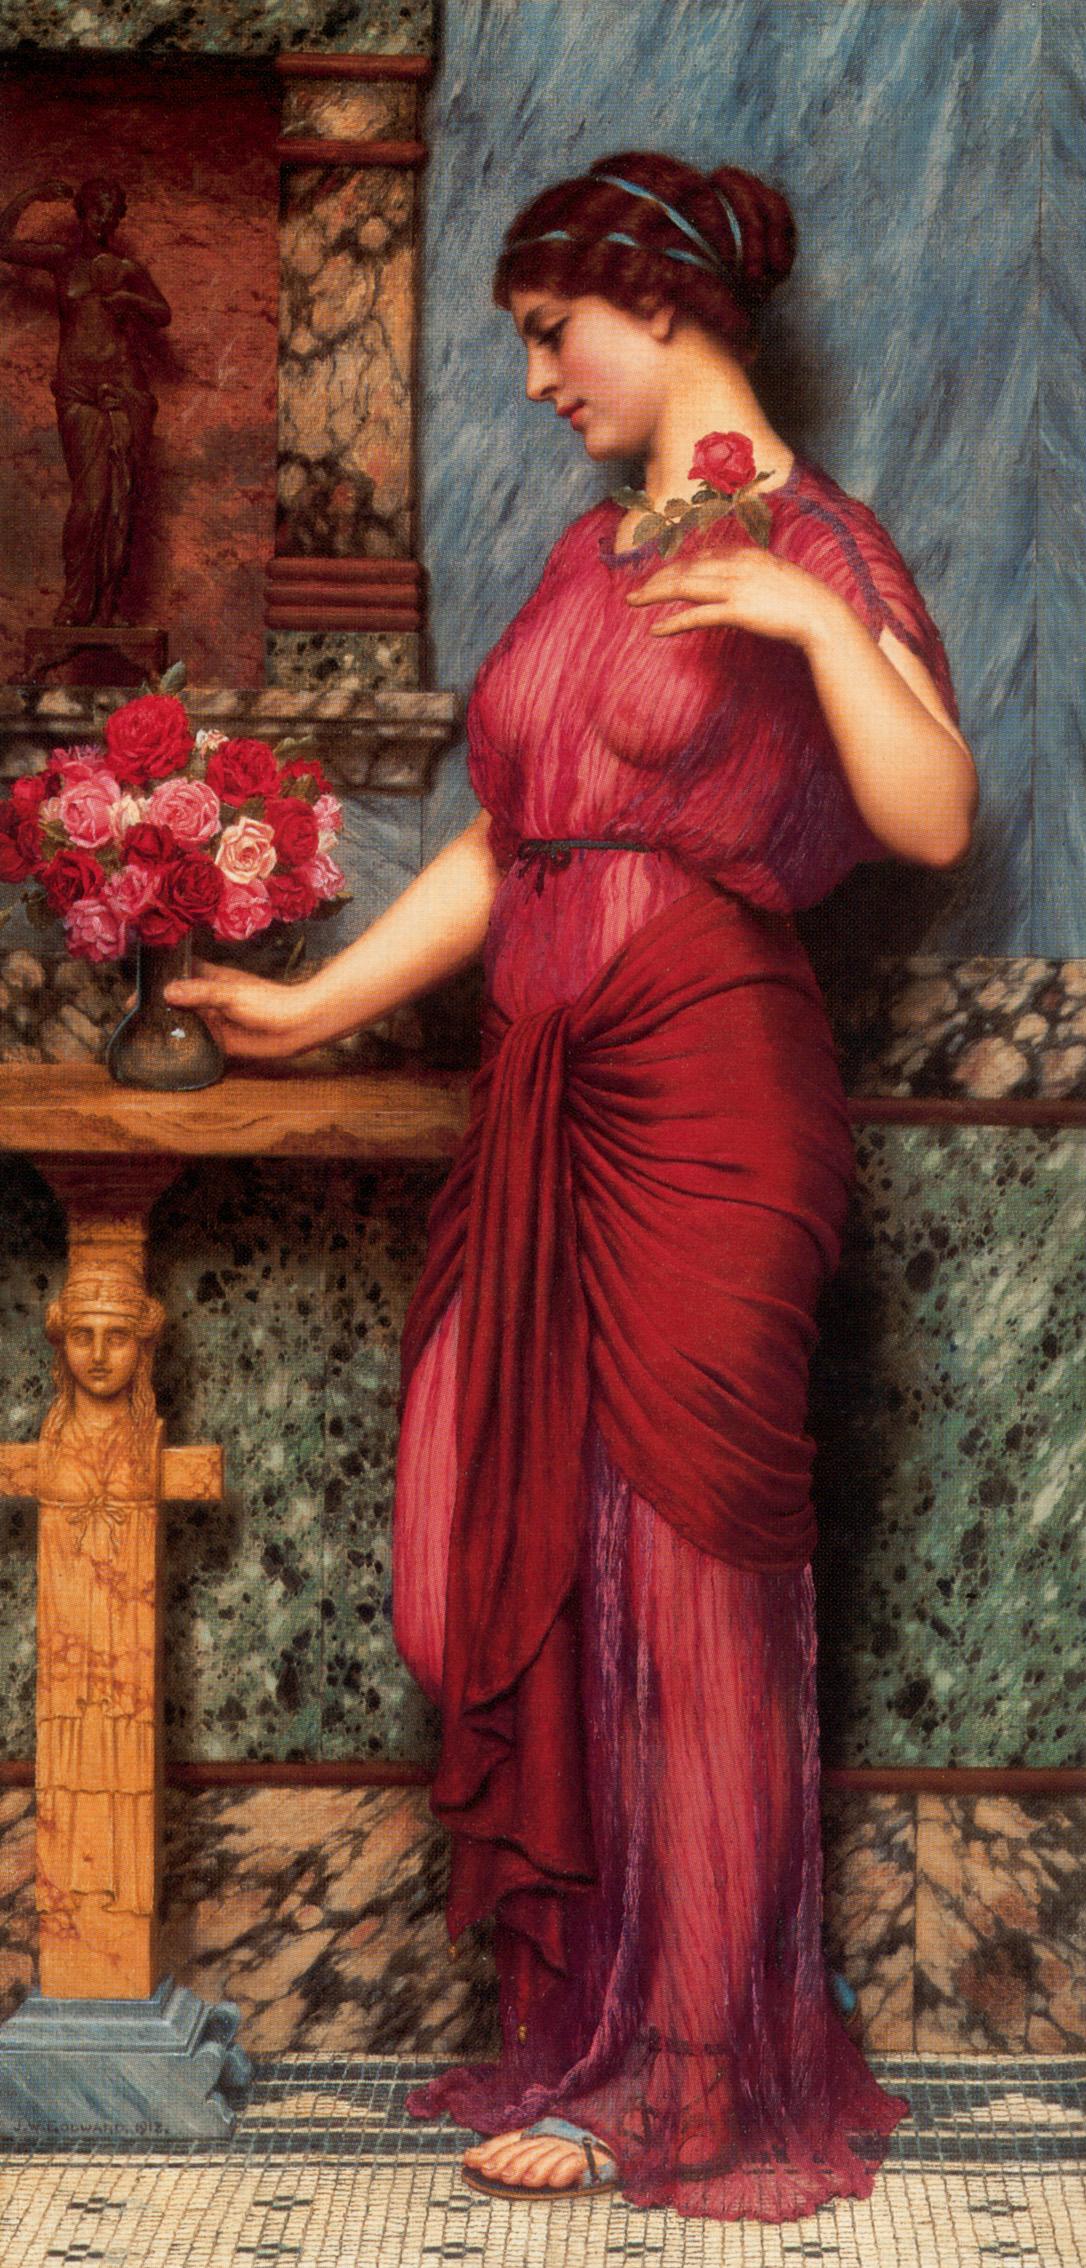 1912_Жертвоприношение Венере (частная коллекция)